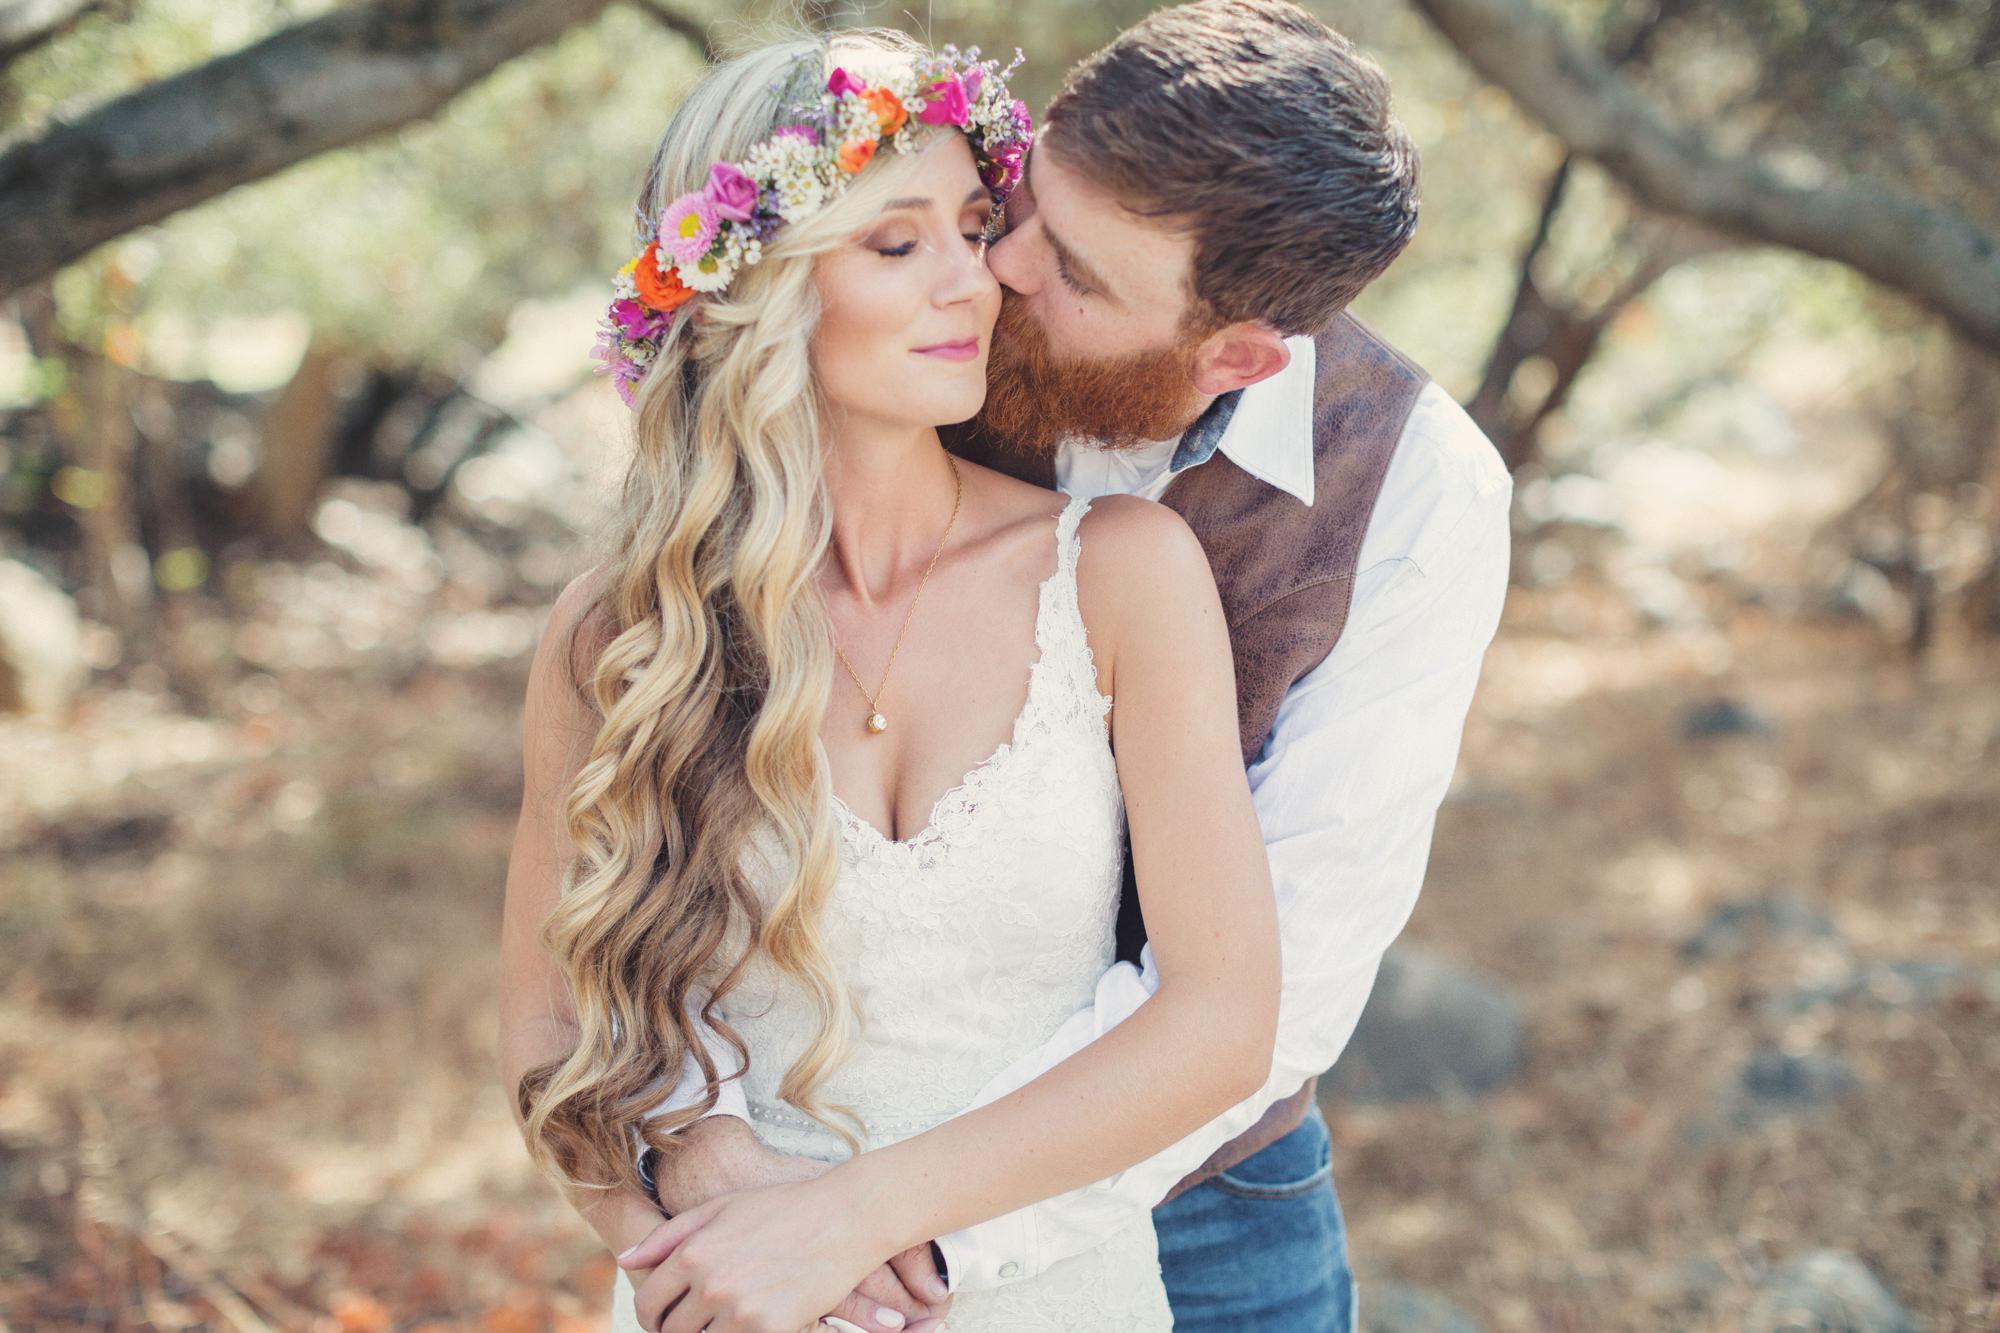 Rustic wedding in California ©Anne-Claire Brun 43